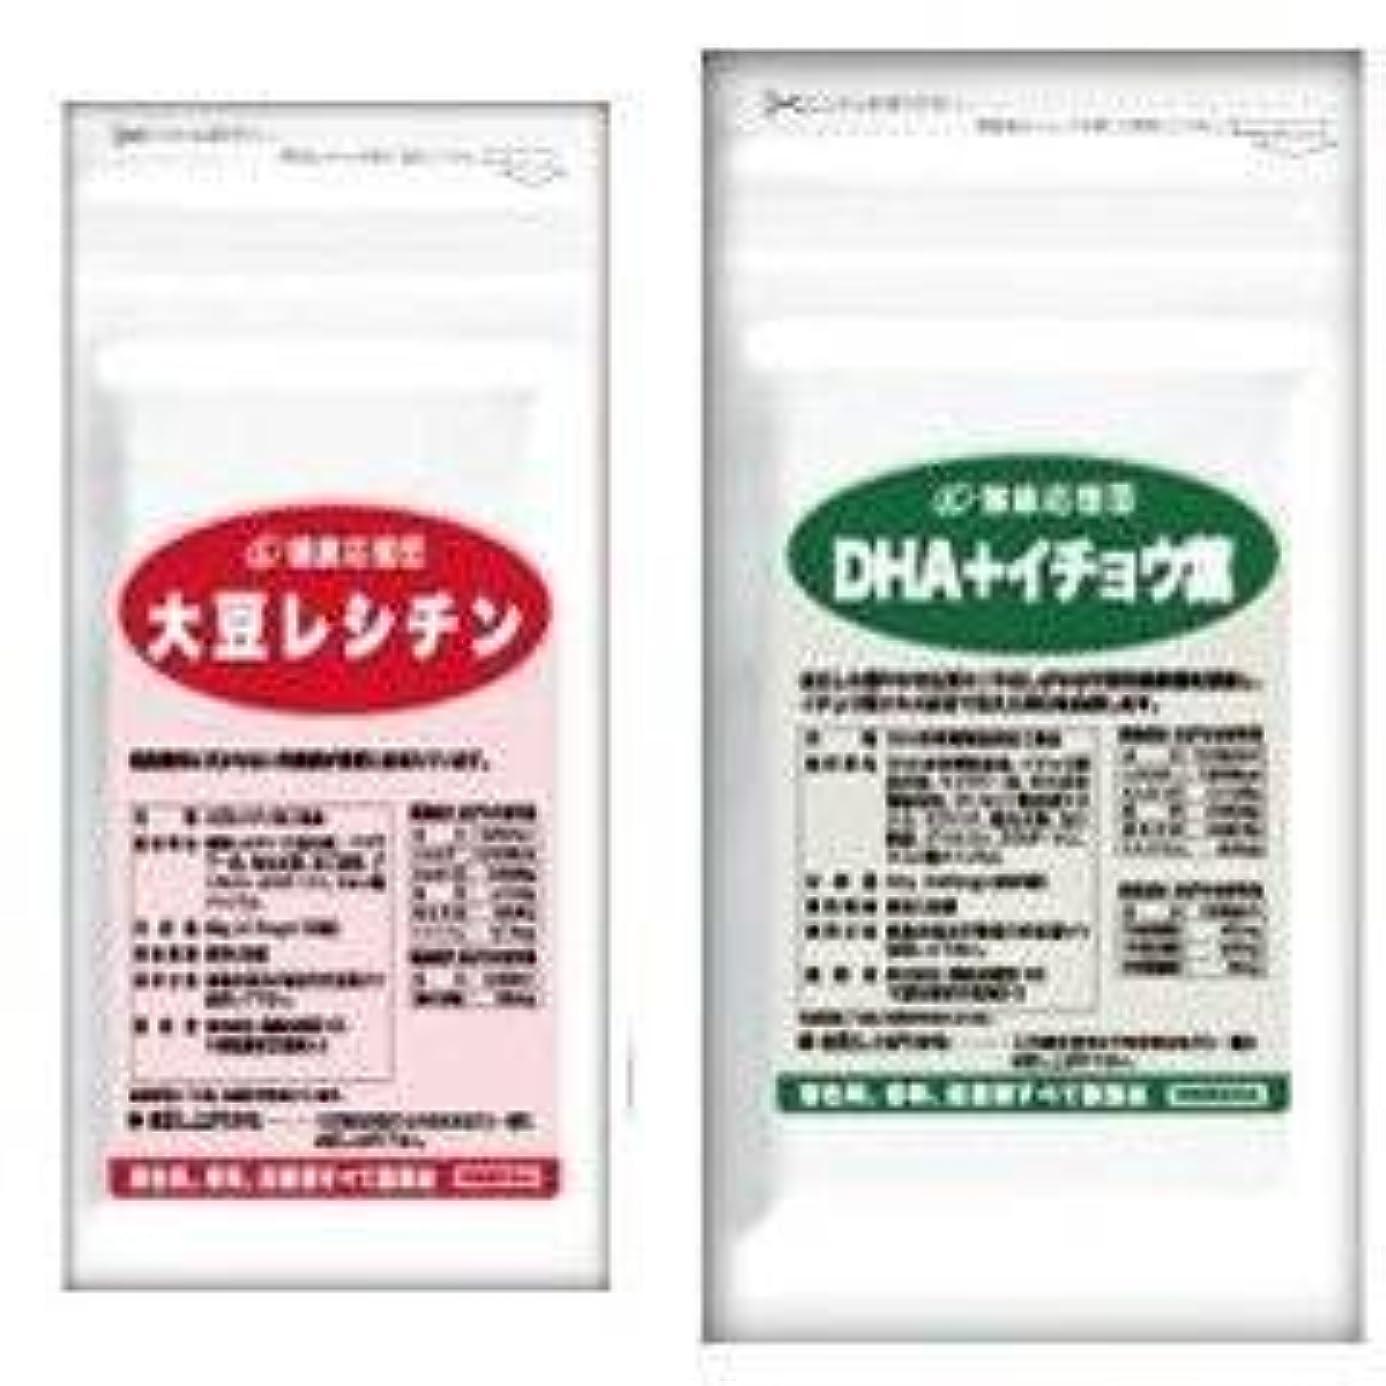 損なう最初はアルファベット順(お徳用6か月分)流れサラサラセット 大豆レシチン+(DHA?EPA+イチョウ葉)6袋&6袋セット